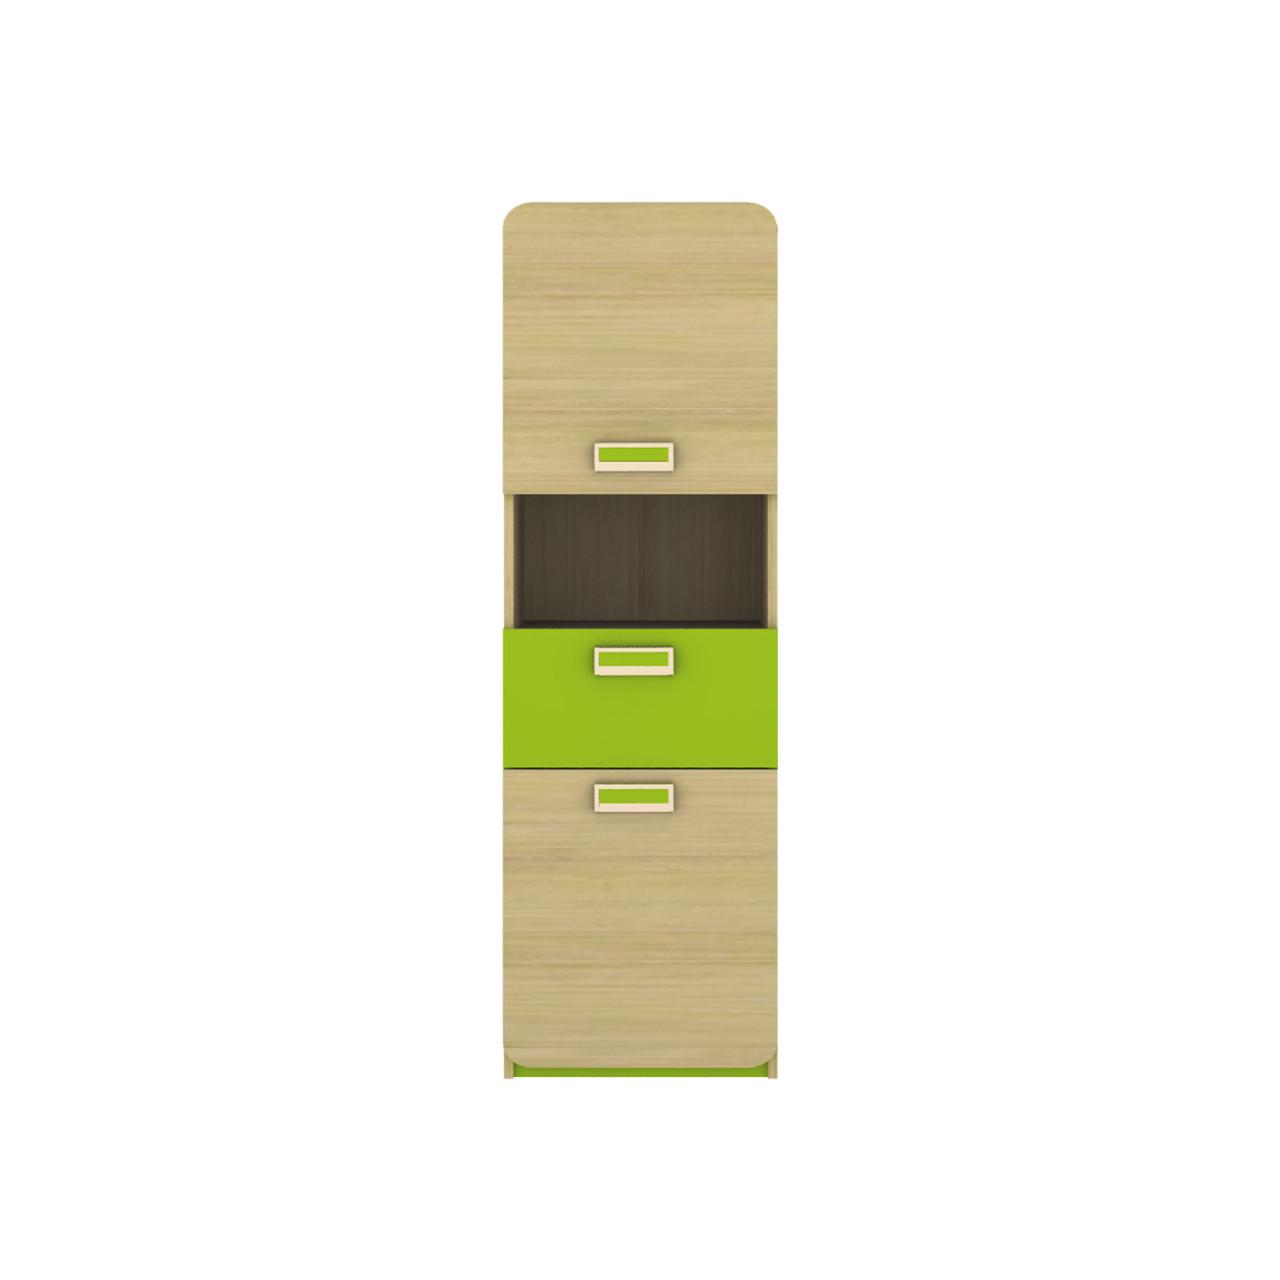 Пенал JASMINE D Blonski 2-х дверний коімбра+лайм